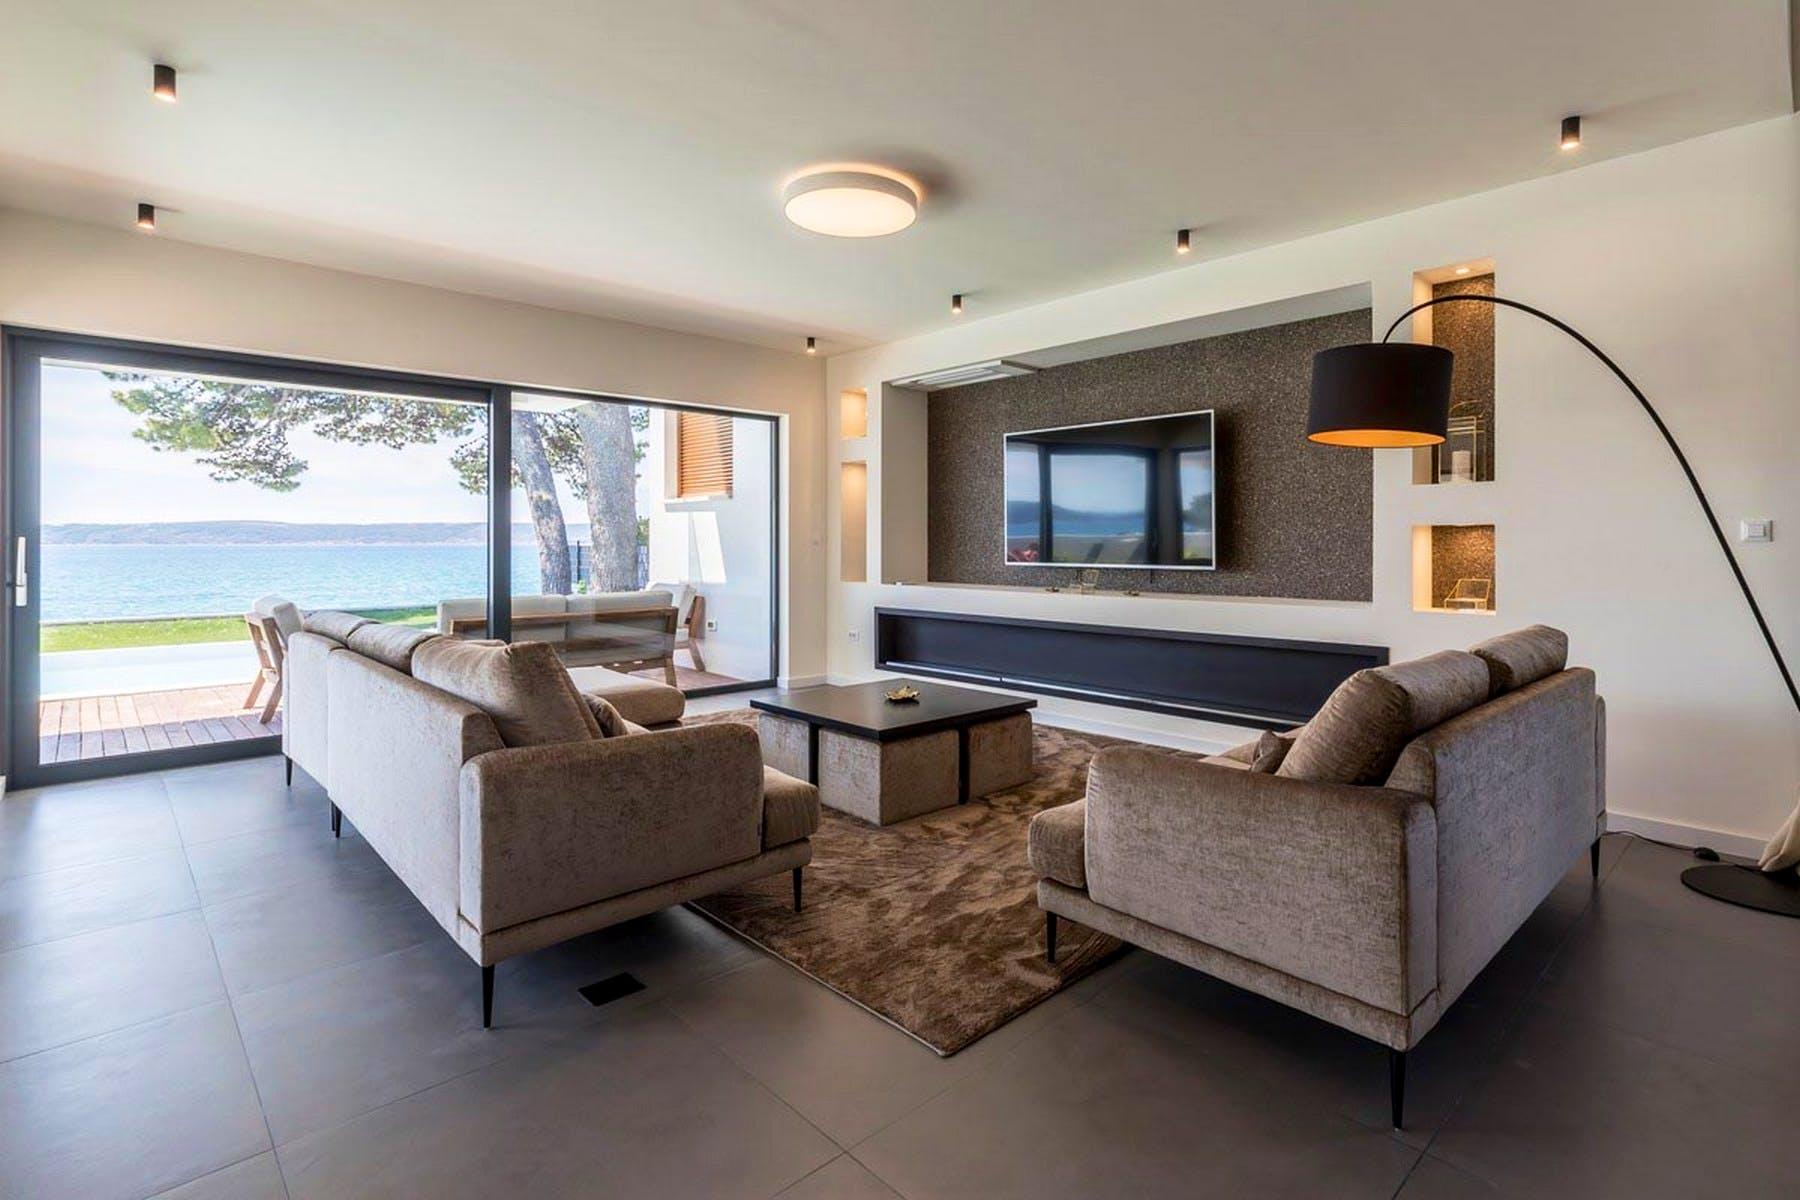 Spacious, open-plan living space